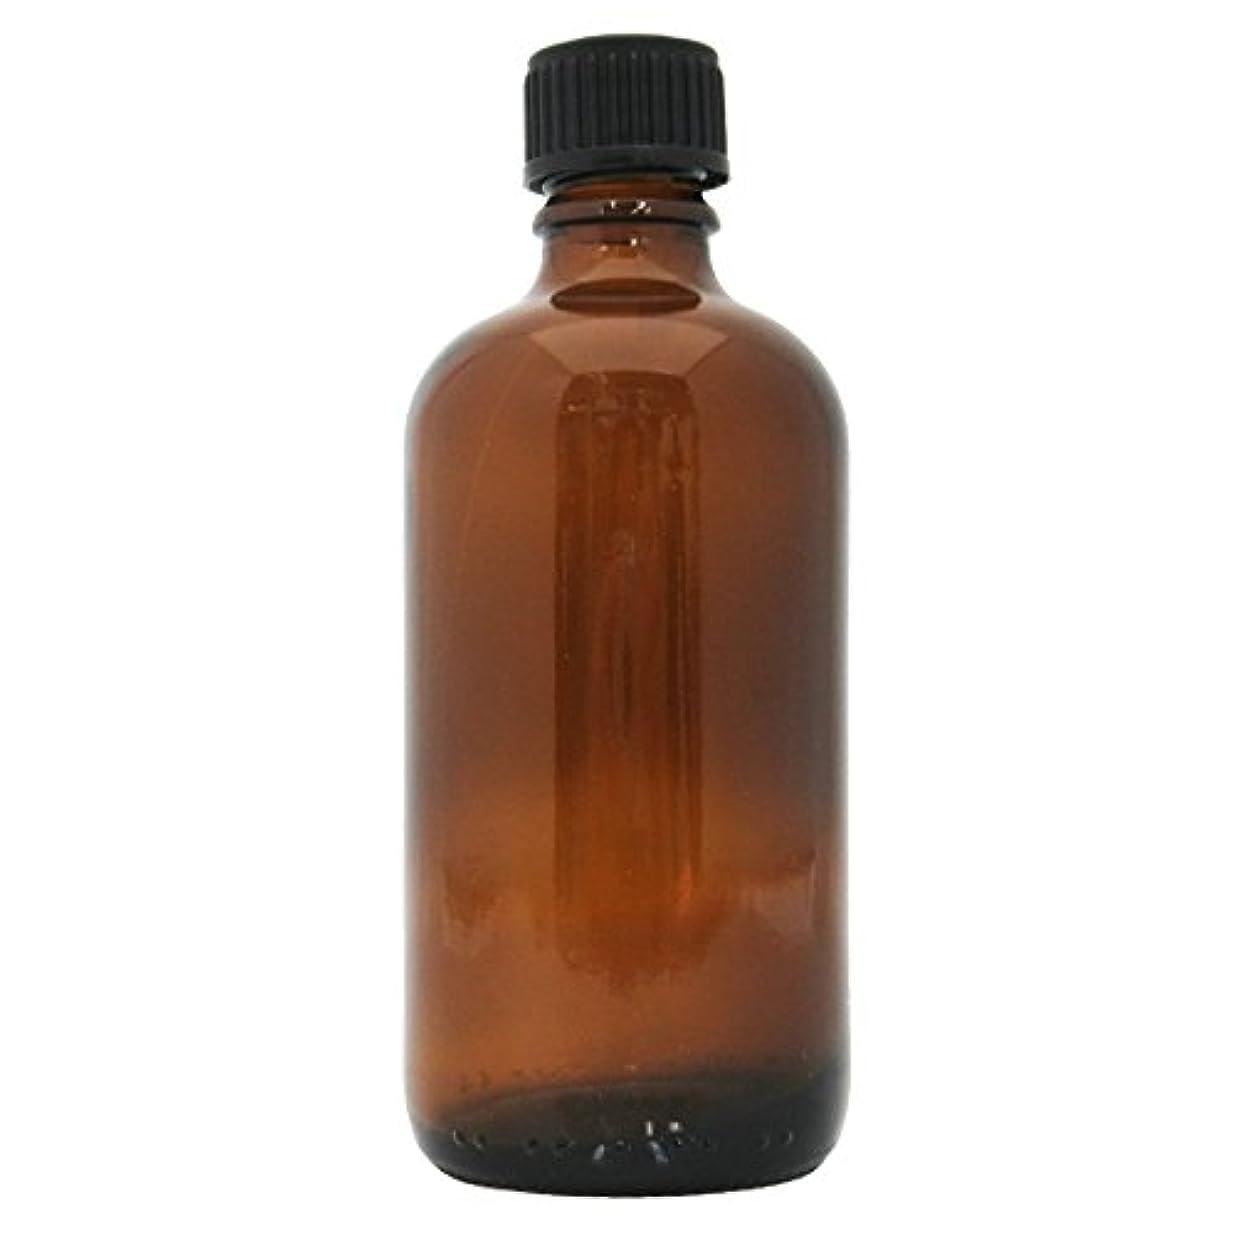 茶色遮光瓶 100ml (ドロッパー付)